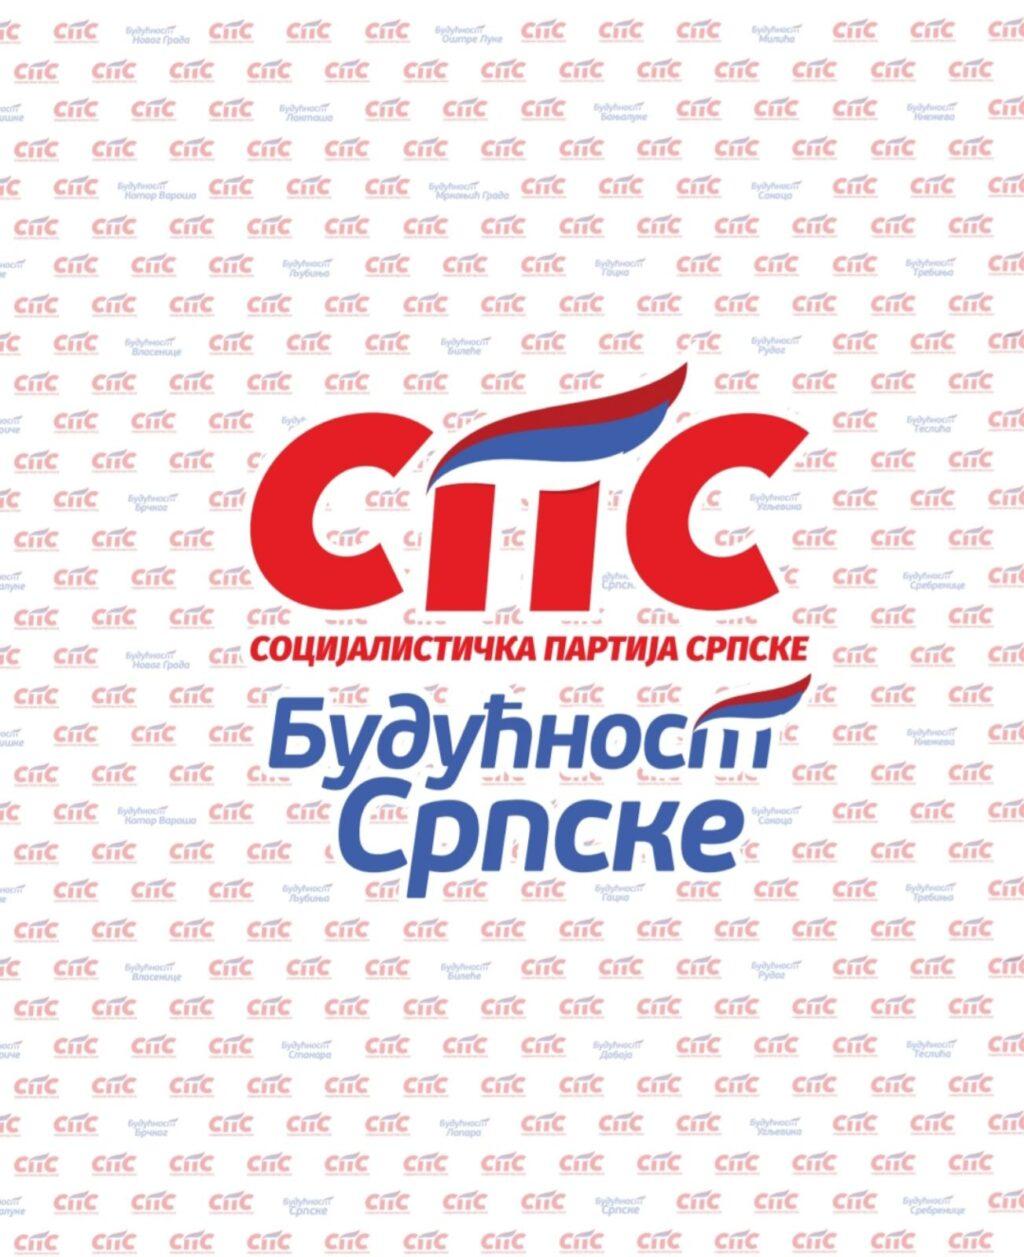 SPS kompletirao izborne liste, odlučno u pobjedu za budućnost Srpske